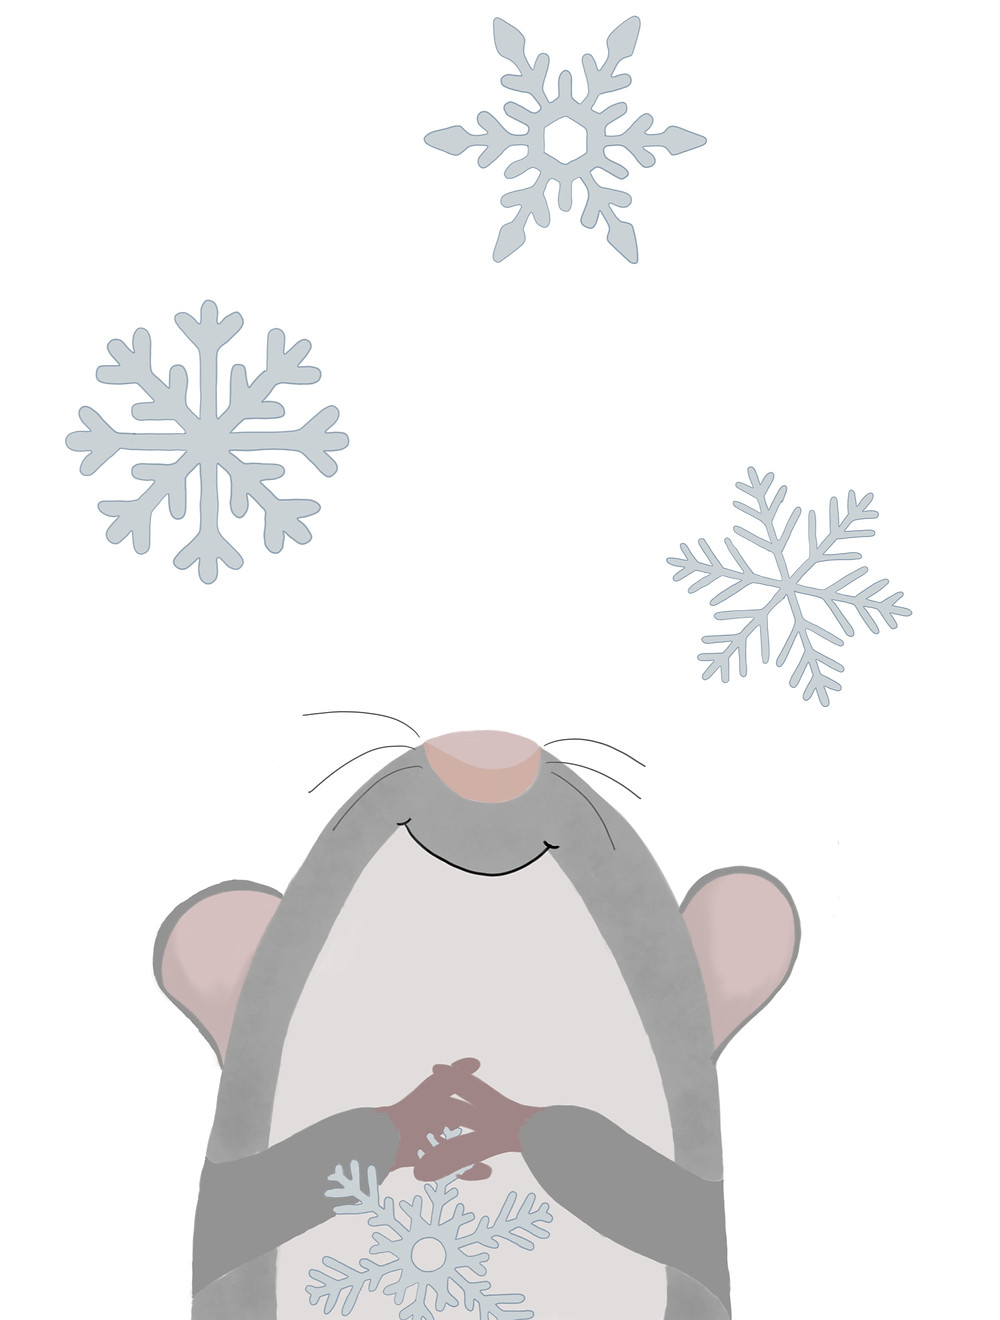 Fritzi guckt nach oben zu Schneeflocken dabei hält er eine in der Hand